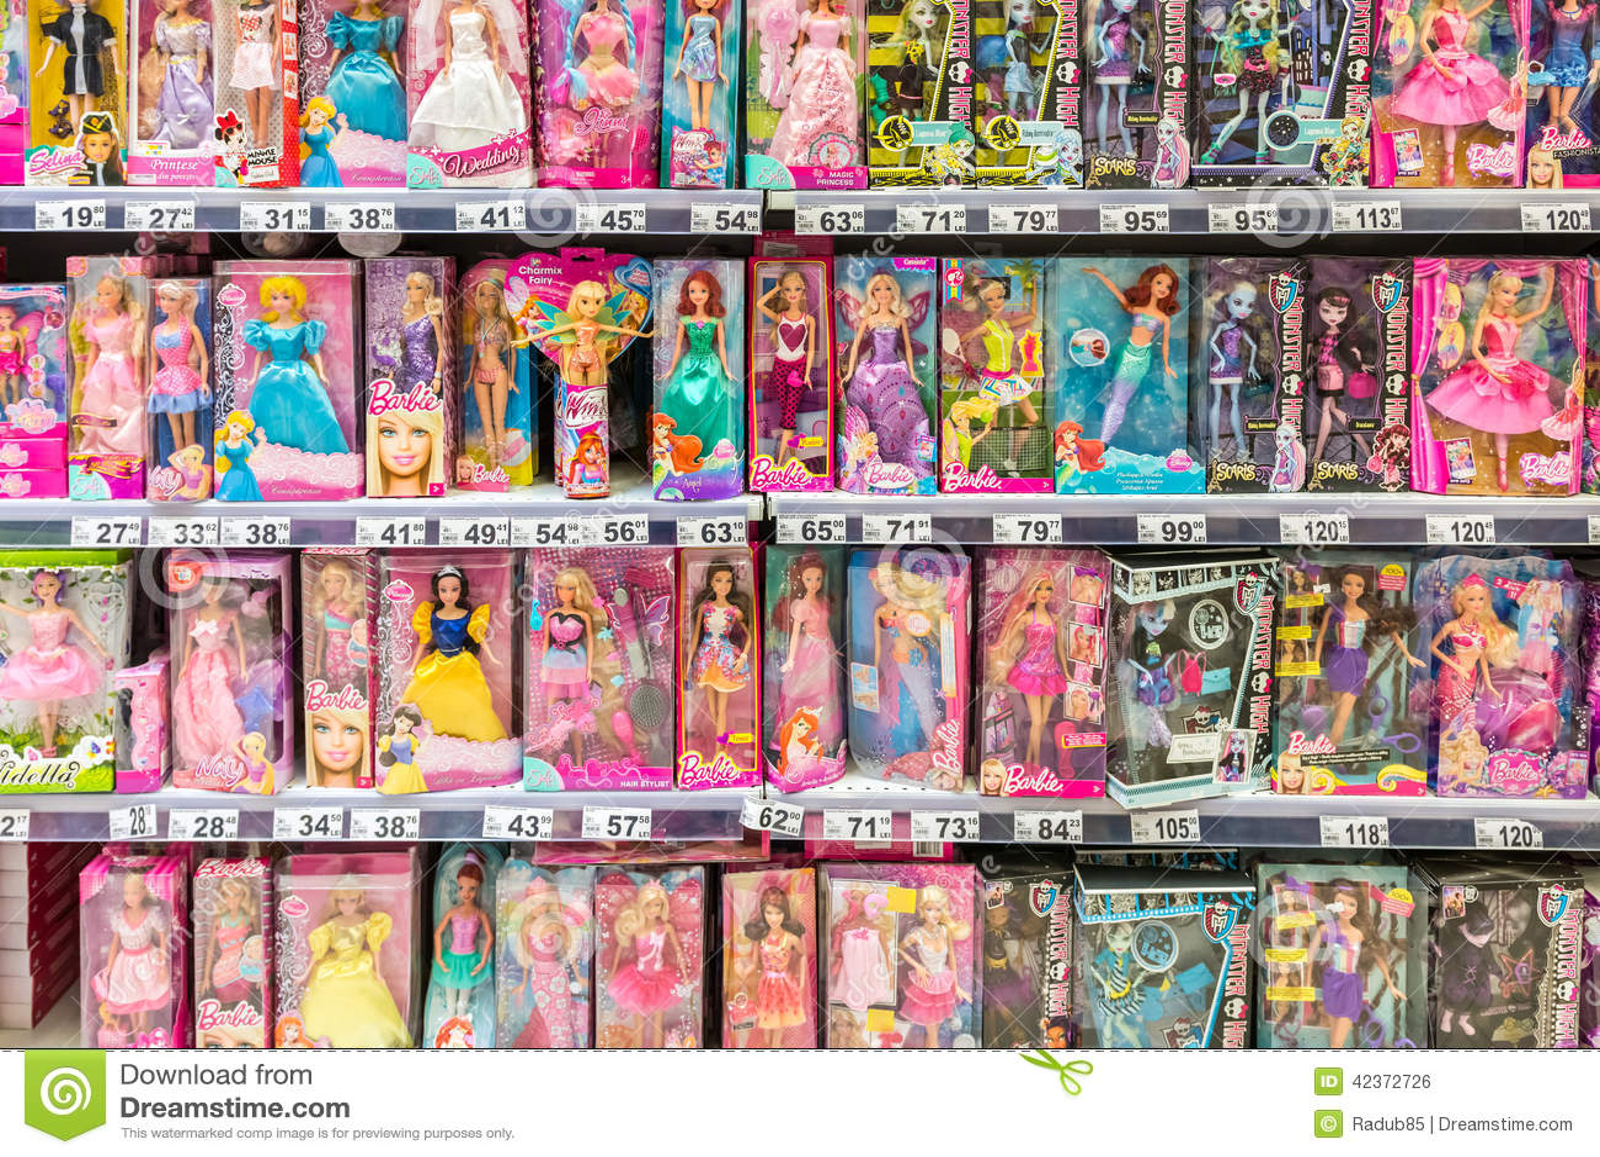 Barbie Toys For Girls : Barbie toys for girls editorial photo image